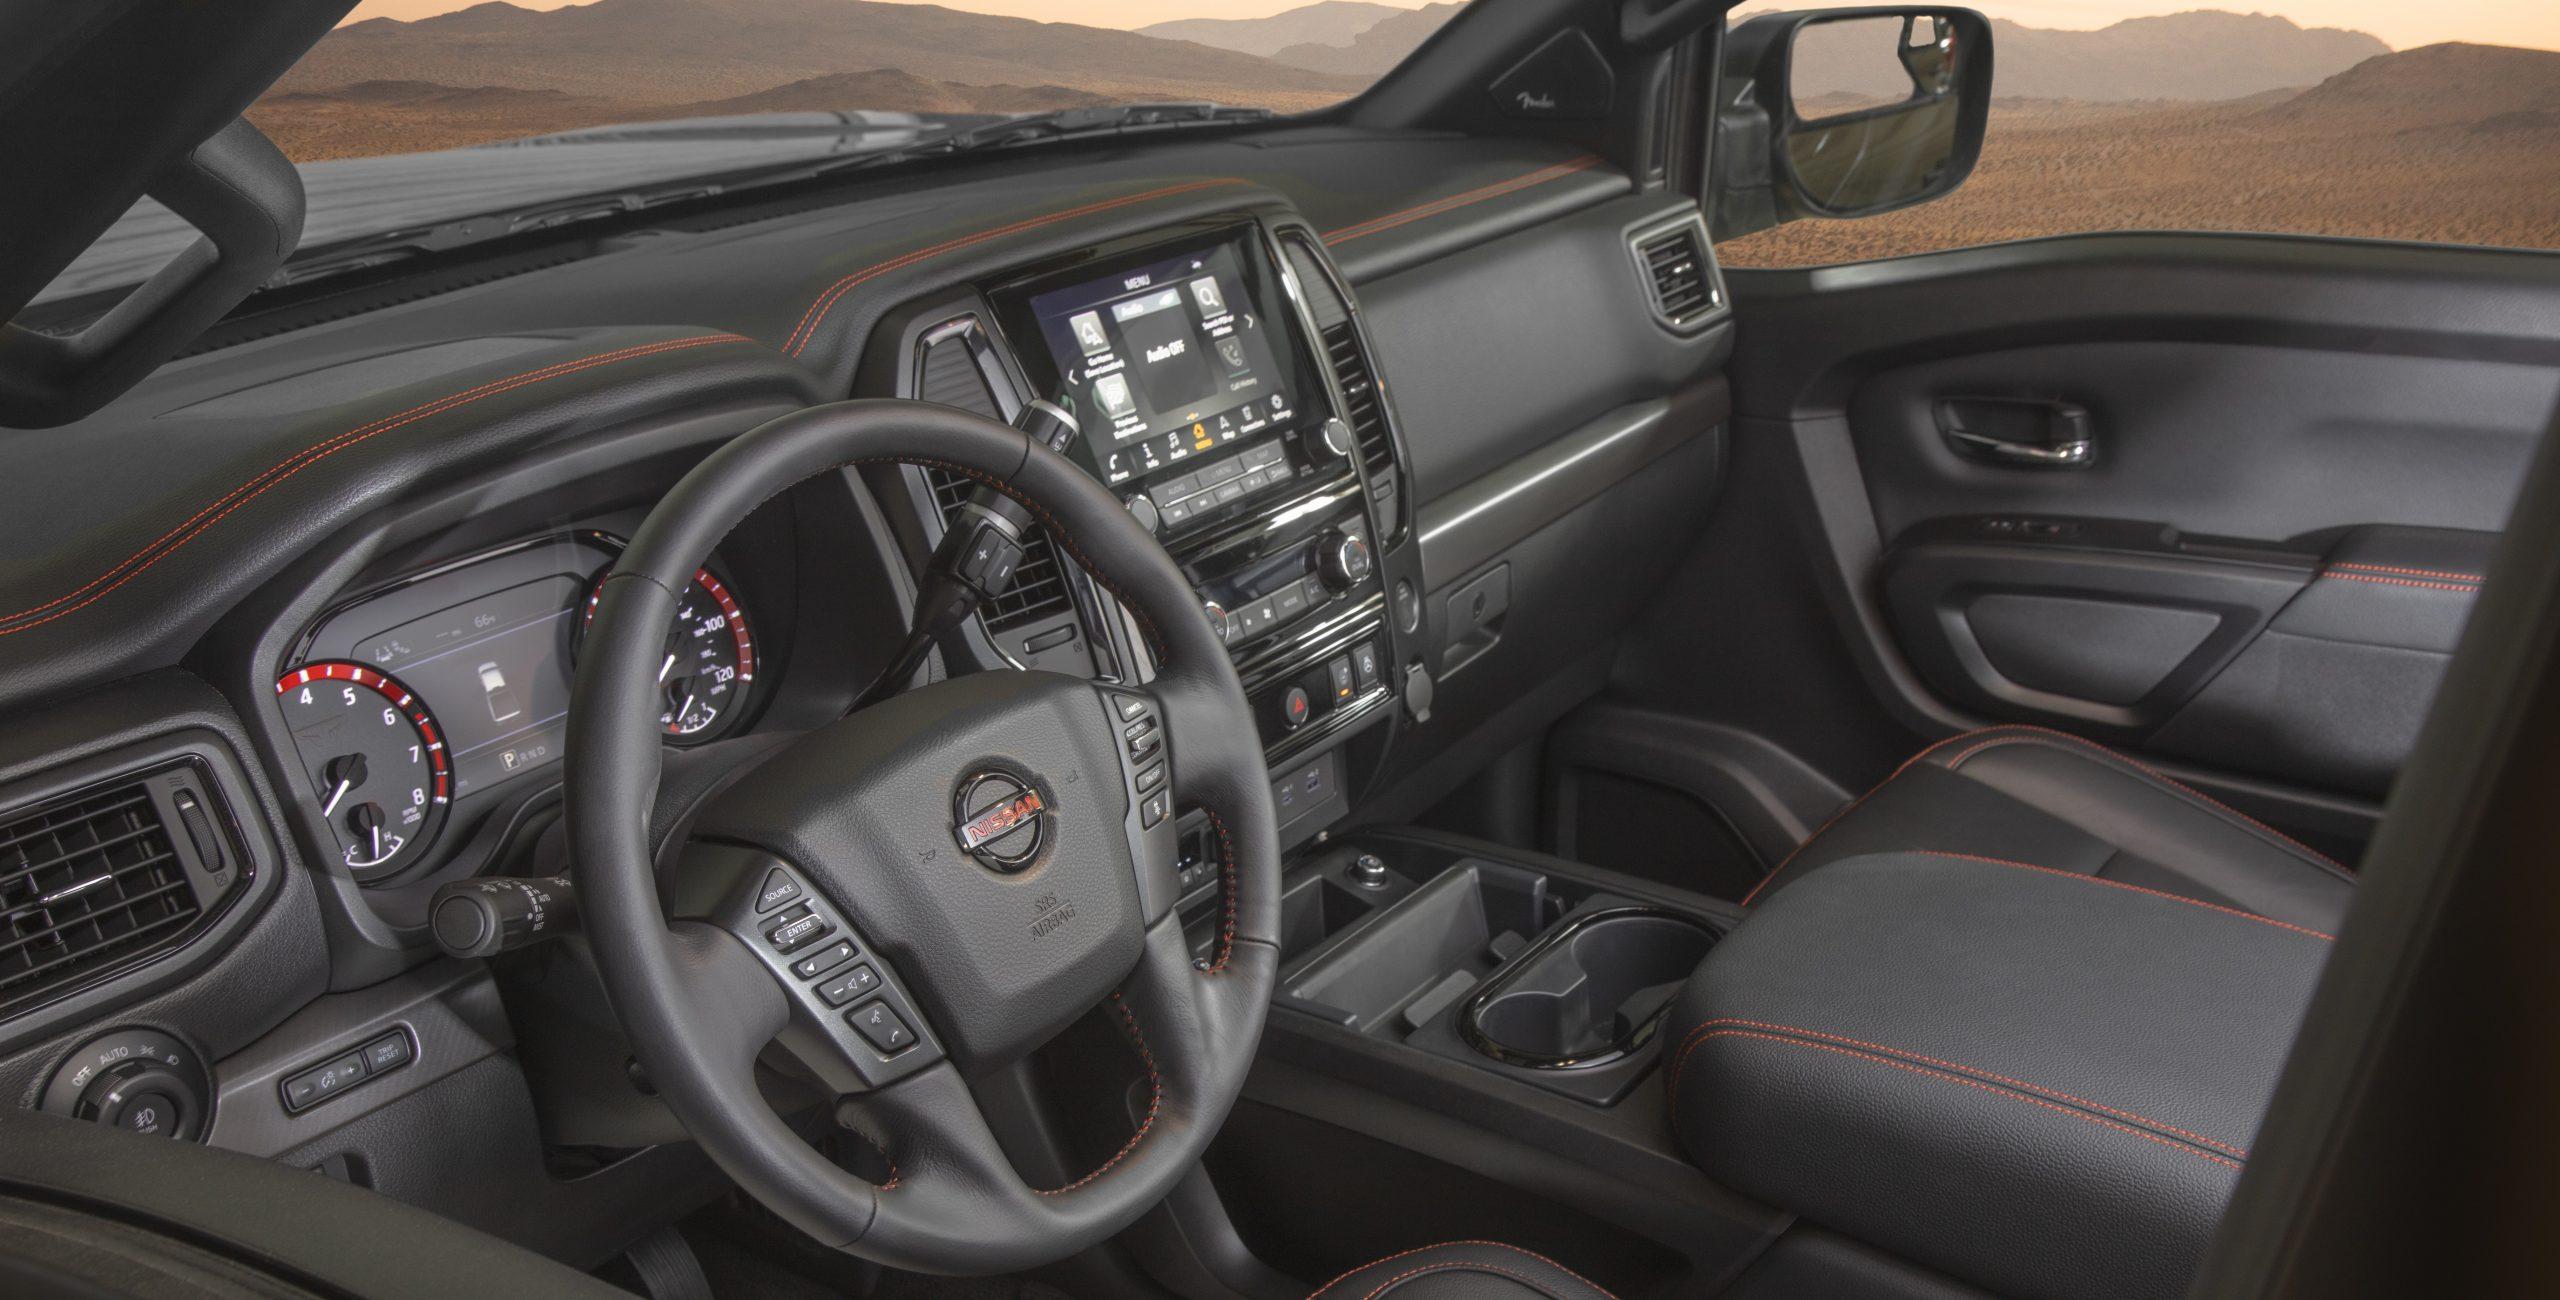 Nissan Titan interior brownsville